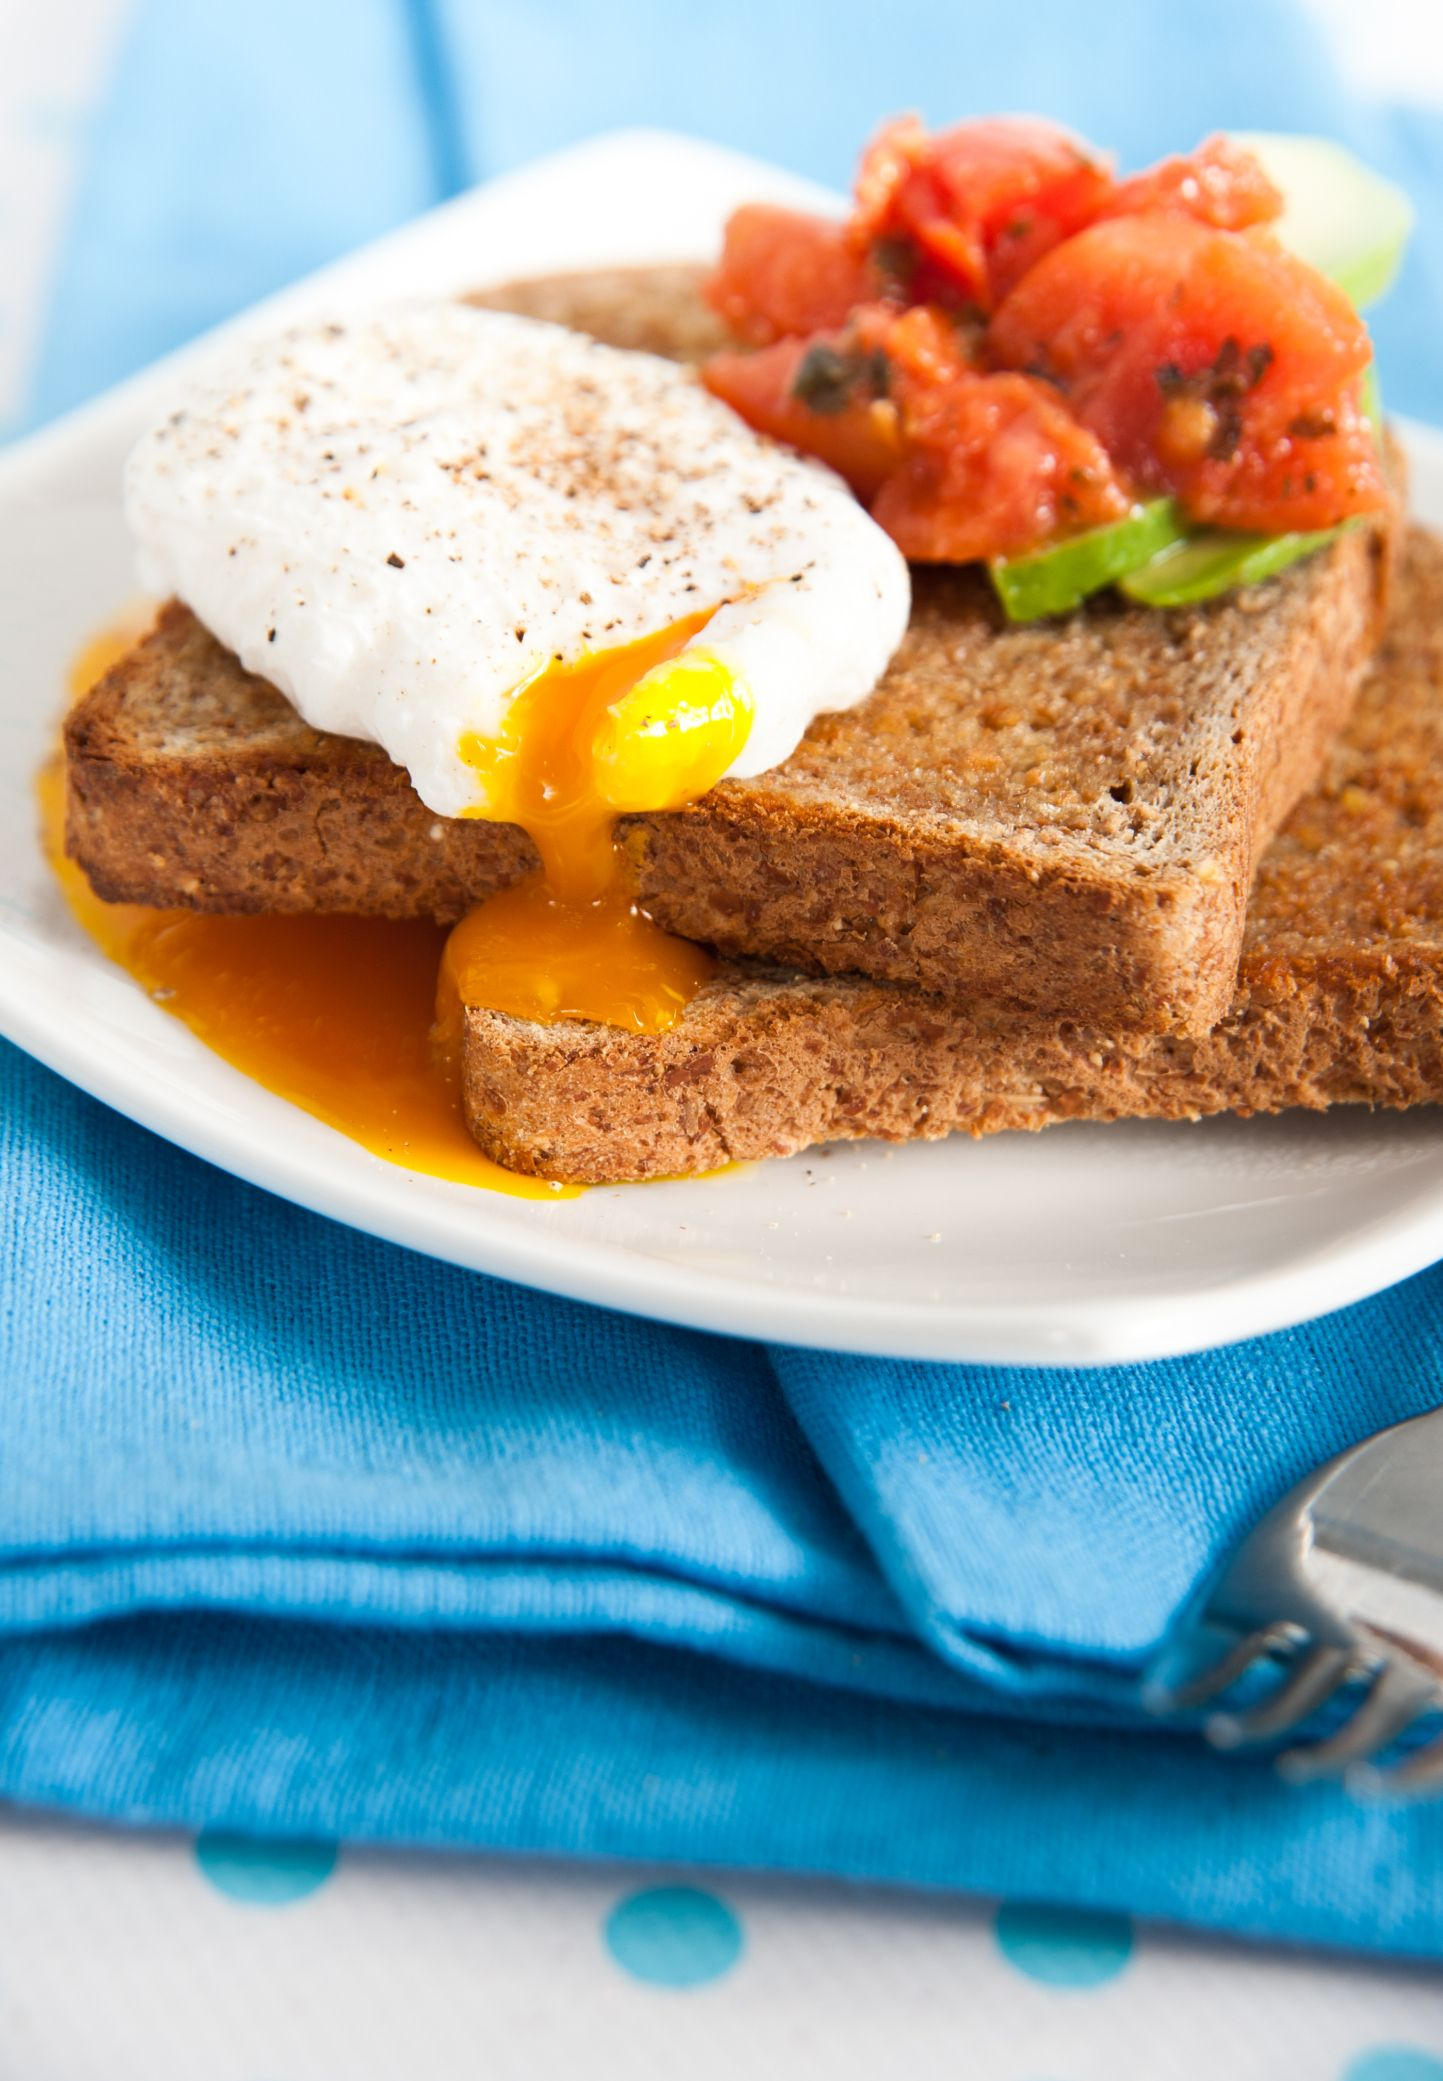 Tostada con huevo escalfado